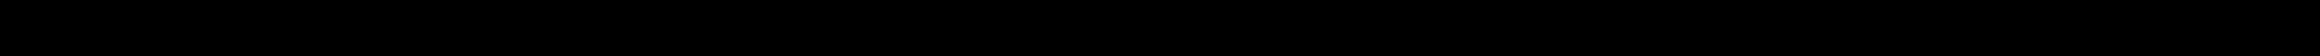 DENSO I83, 98056-56718HE, J4520IUF22, 99000-69835-C6R, 99000-69835-C7R Vela de ignição